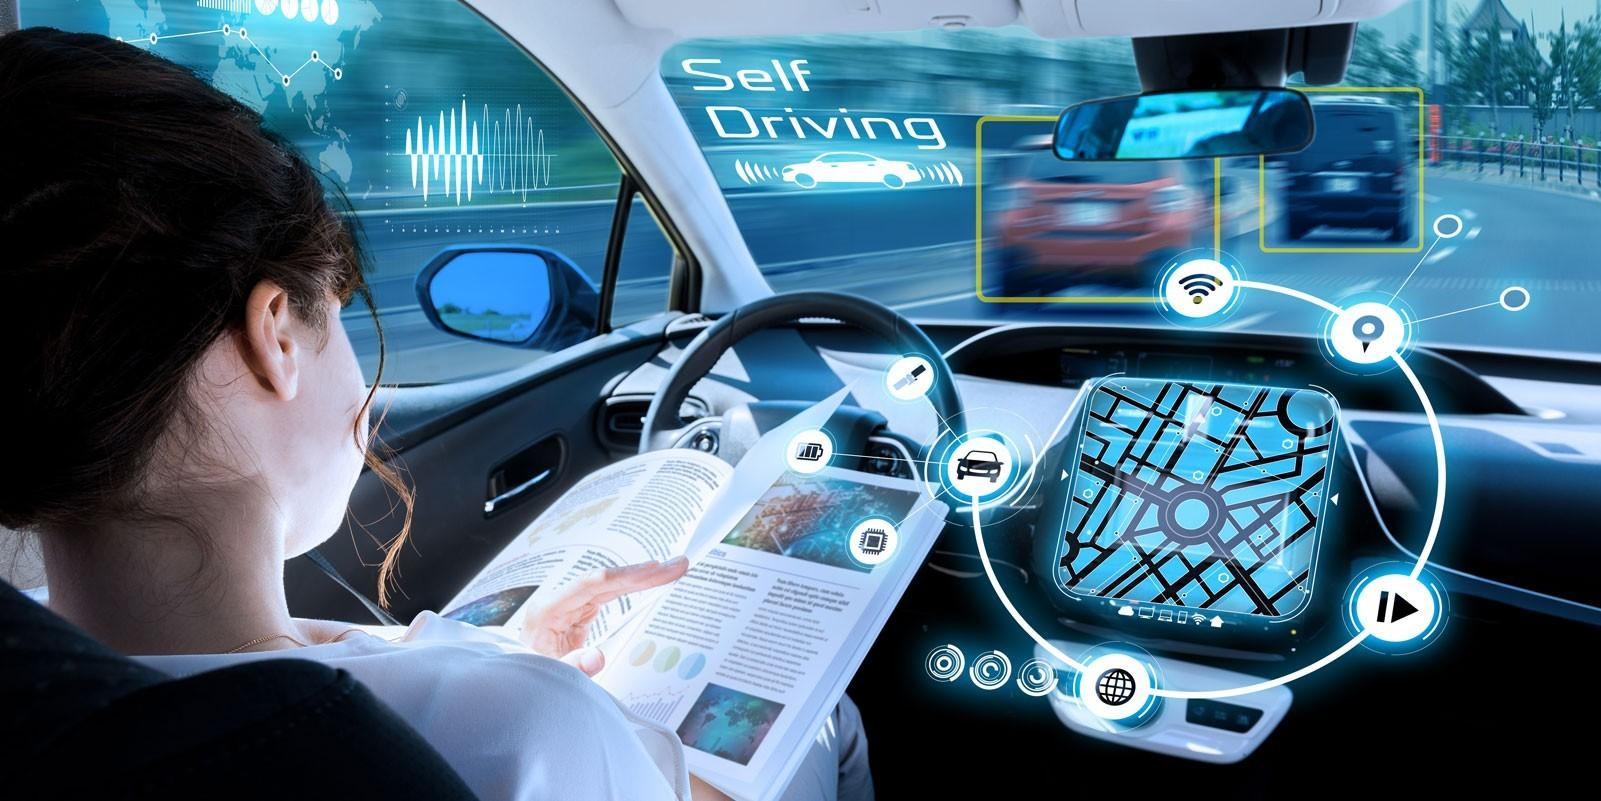 Apple tích hợp công nghệ AR lên xe tự hành